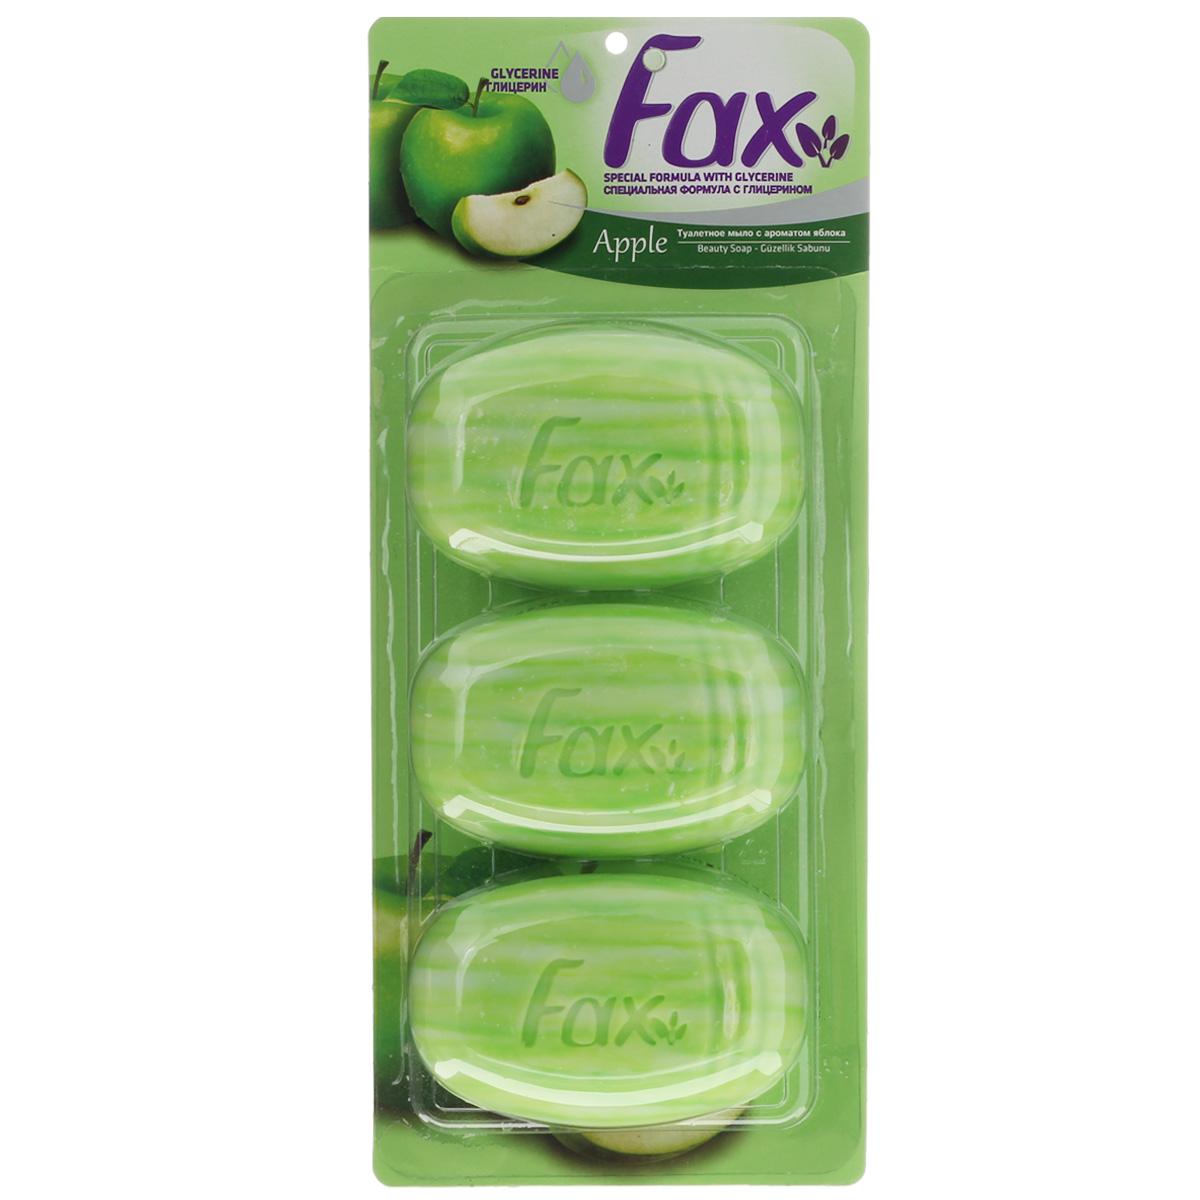 FAX Мыло с глицерином Яблоко блистер 3*115г80019904Специальная формула с глицерином и кремом питает и увлажняет кожу для ежедневной заботы